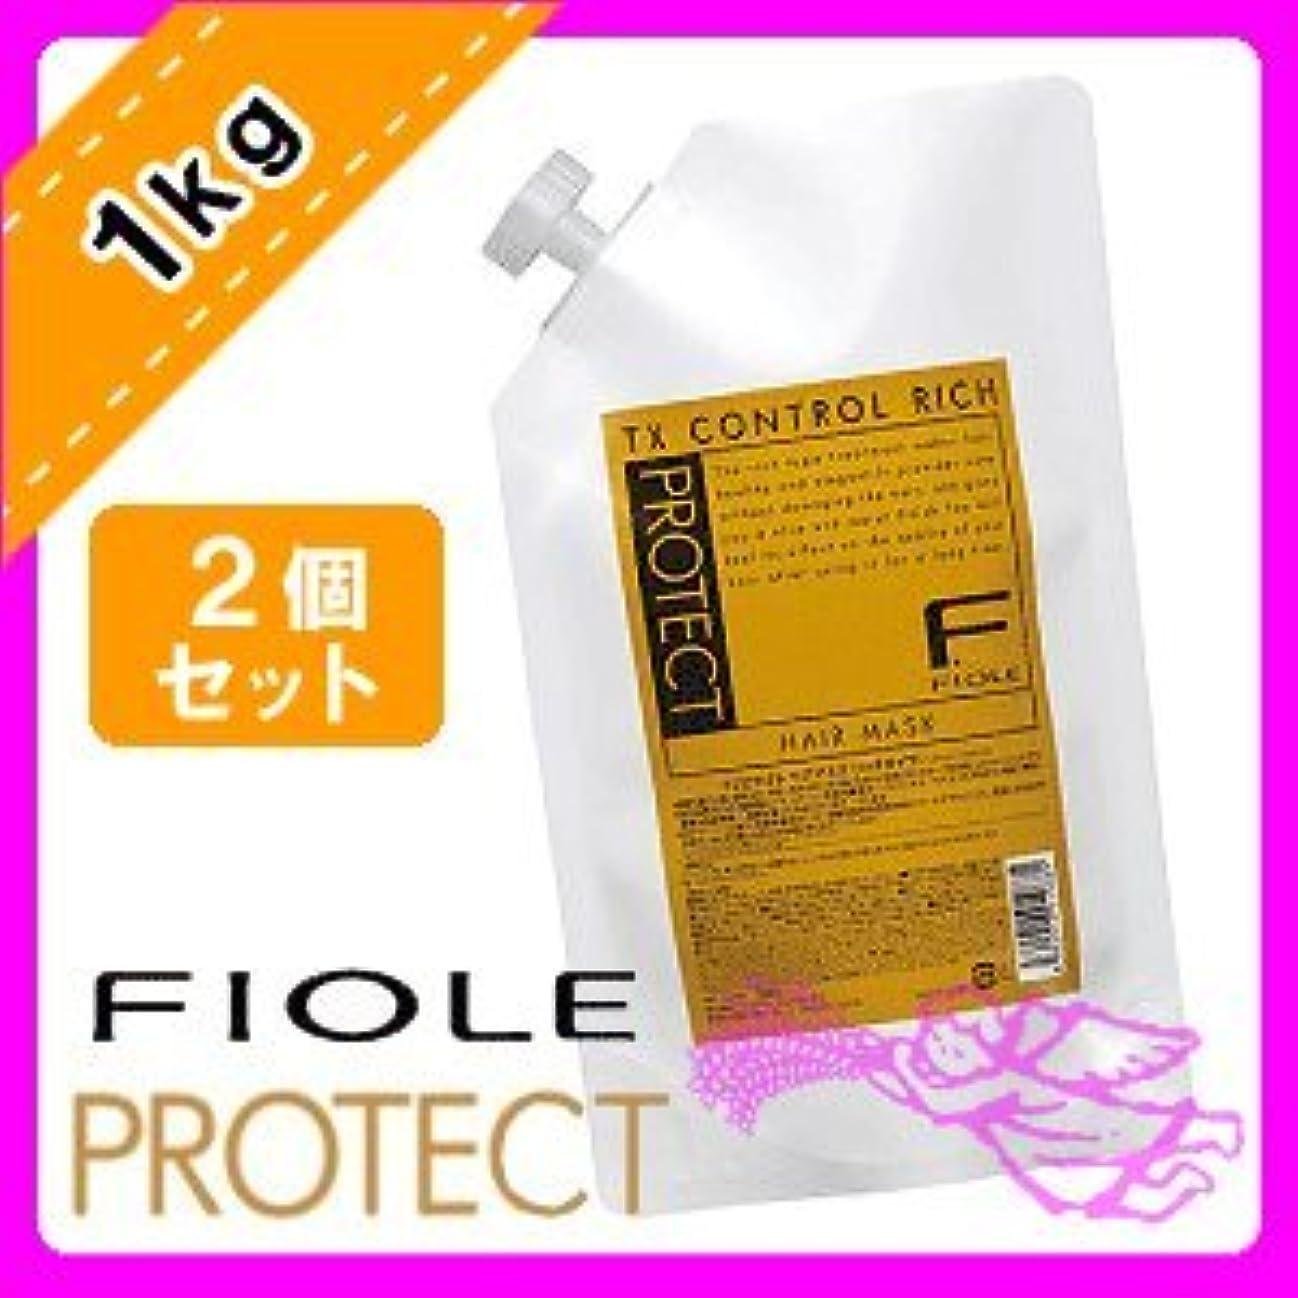 明らか支援する運動フィヨーレ Fプロテクト ヘアマスク リッチ <1000g×2個セット> 詰め替え用 MR FIOLE Fprotect 毛先しっとり